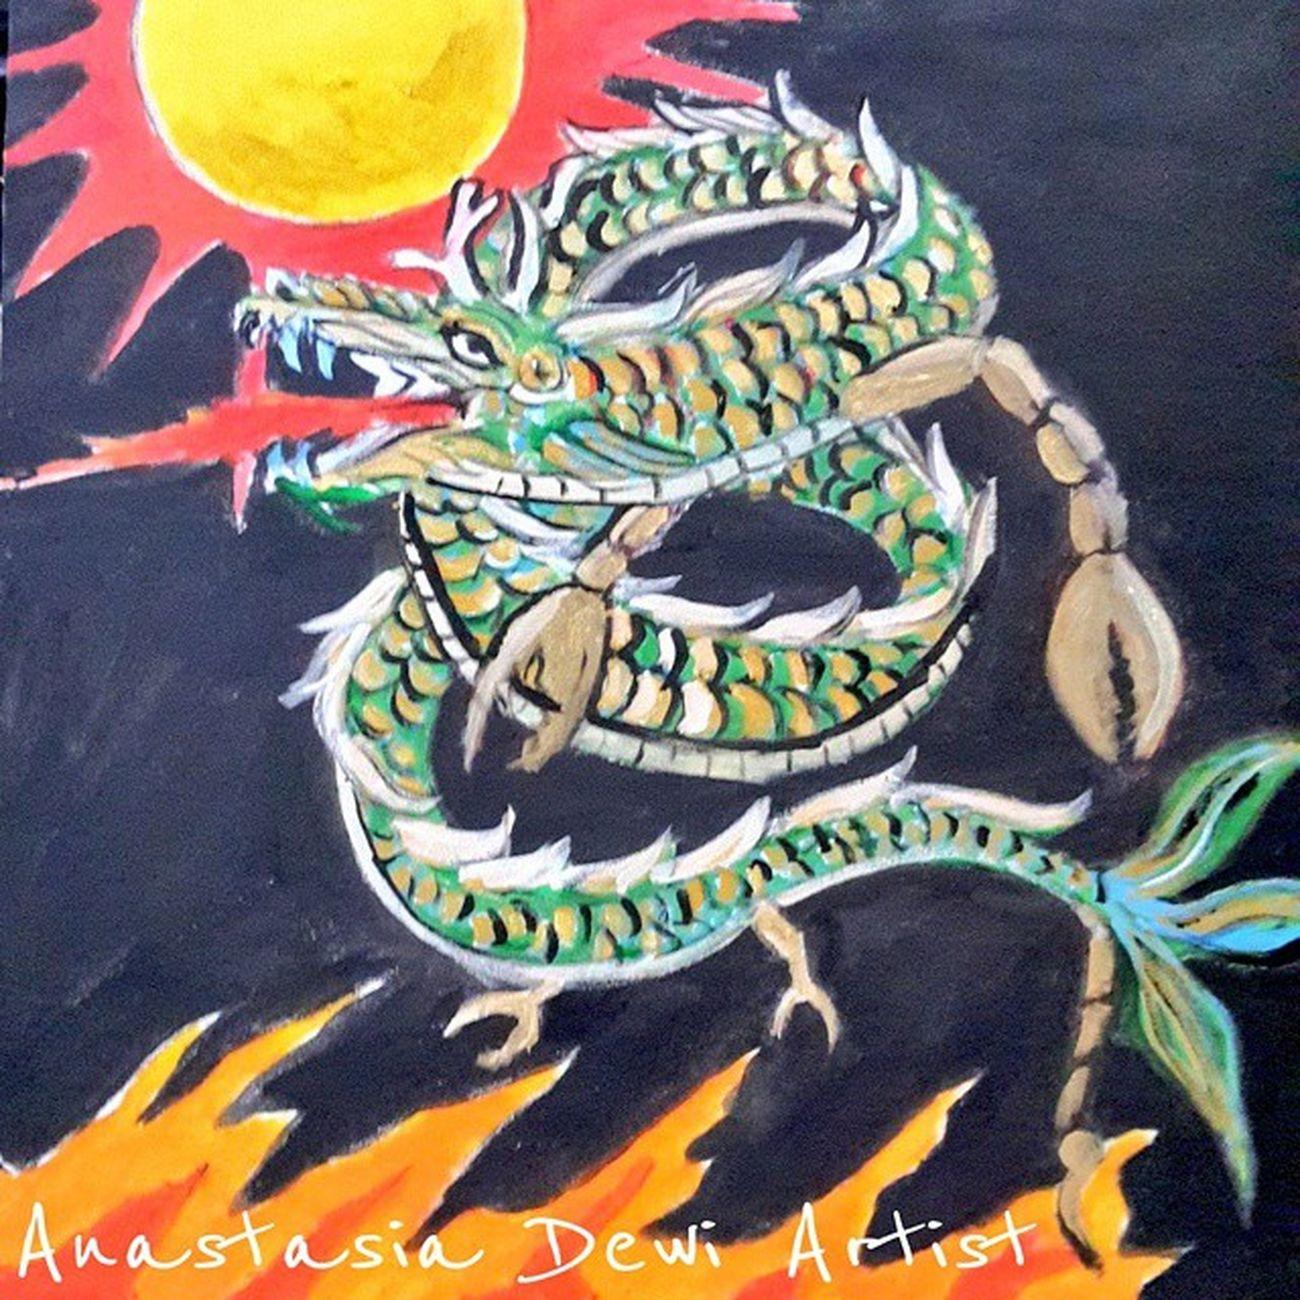 Just Making about My Sign 🐲🔥🌞 Art Arte Artist Artists ArtWork Painting Painter Paint Dragon Scorpio Scorpion Dragonscorpio Dragonscorpion Mysign Itsmysign Firedragon Fire Sun Fierce Fiercesign Instaart Instaartist Workinprogress Wip